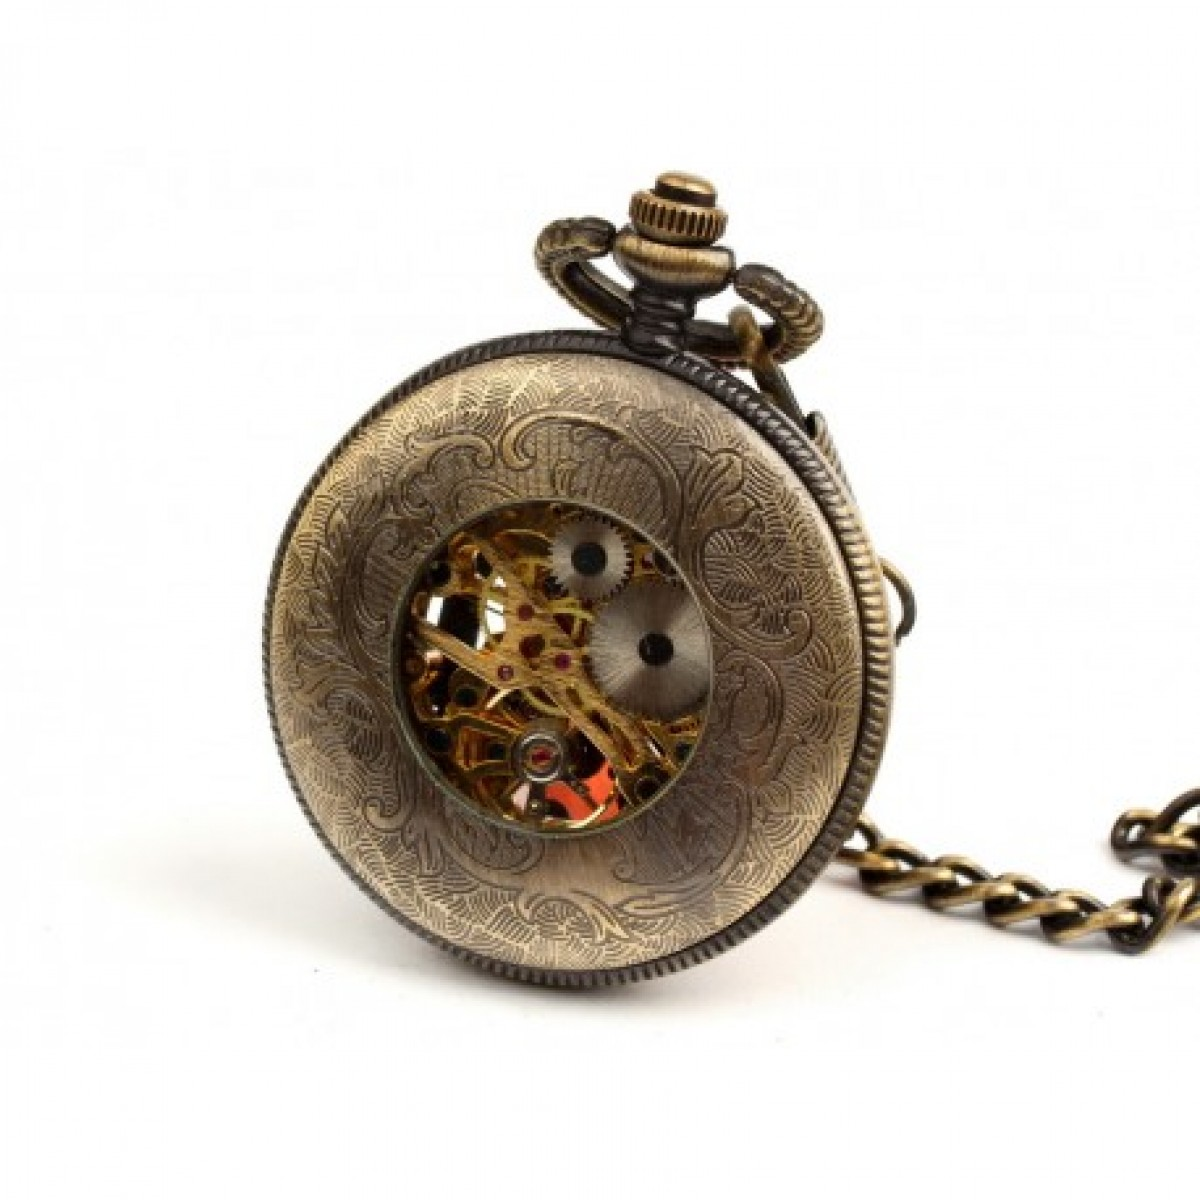 PODARUNEK DLA TATY - zegarek kieszonkowy, dewizka